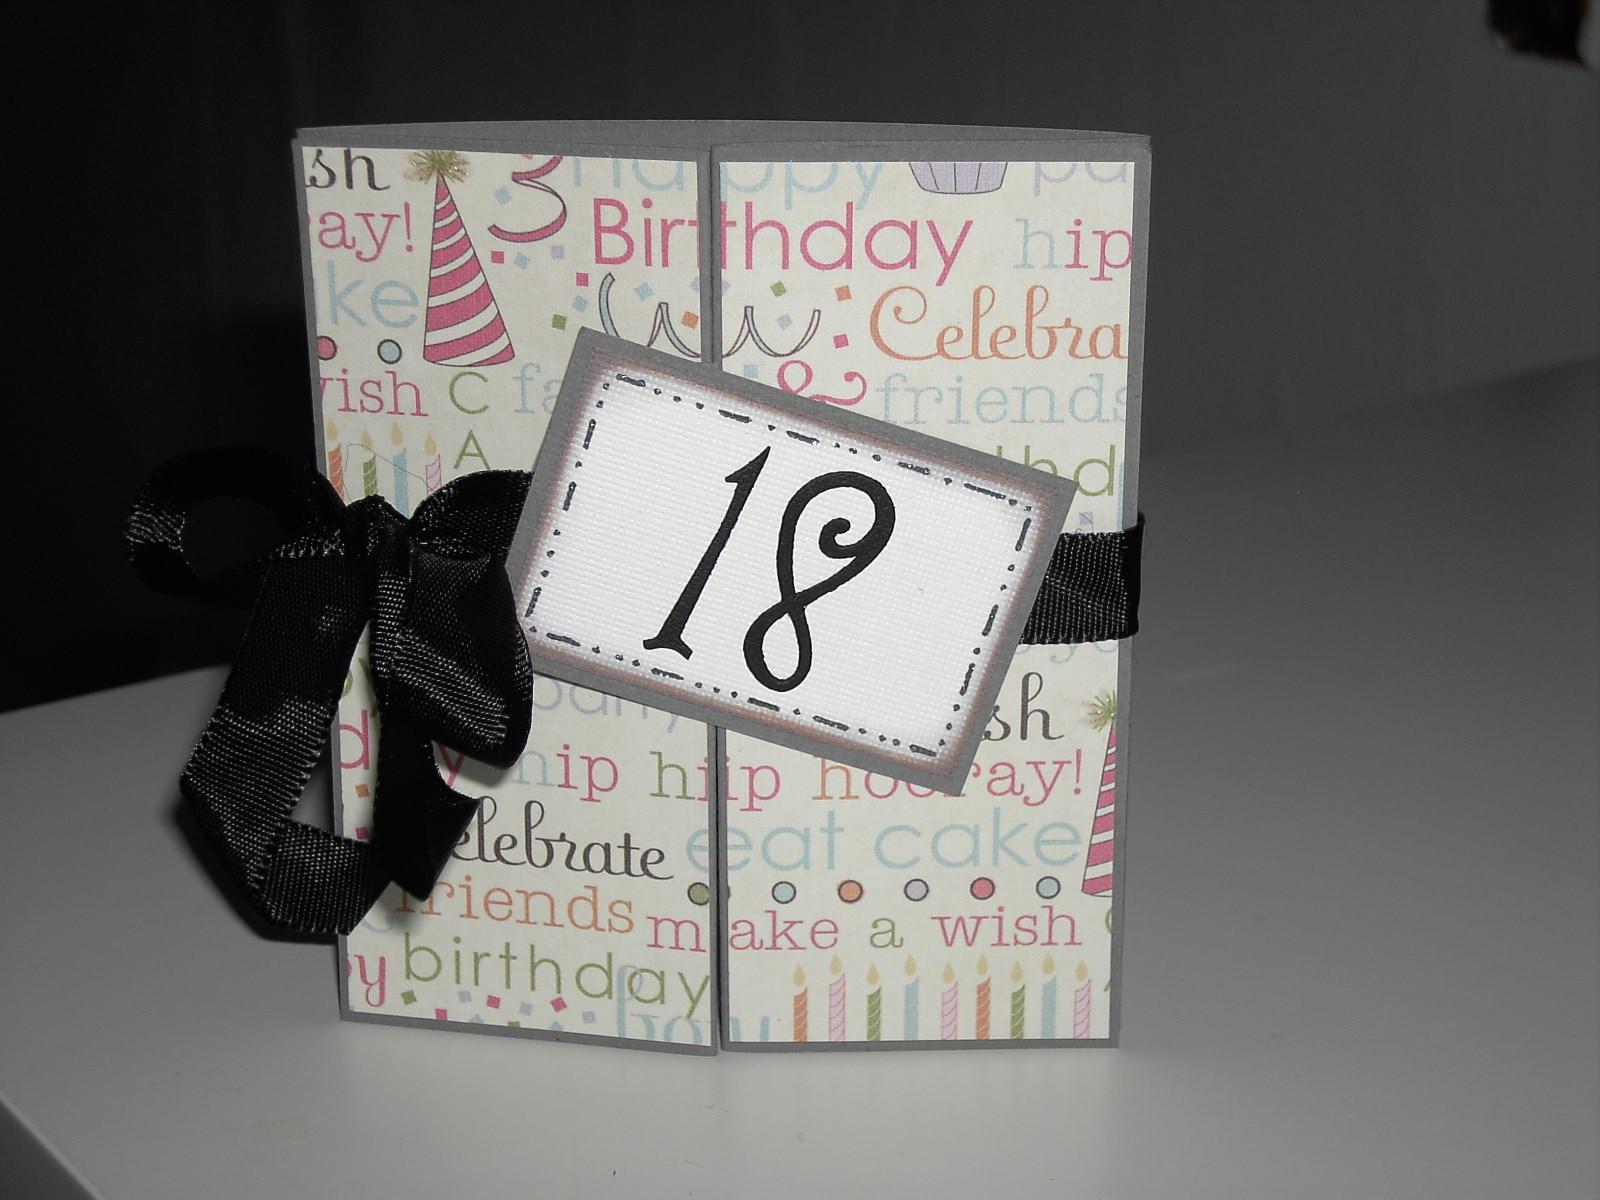 födelsedagskort 18 år Moster Fridas blogg: Födelsedagskort födelsedagskort 18 år